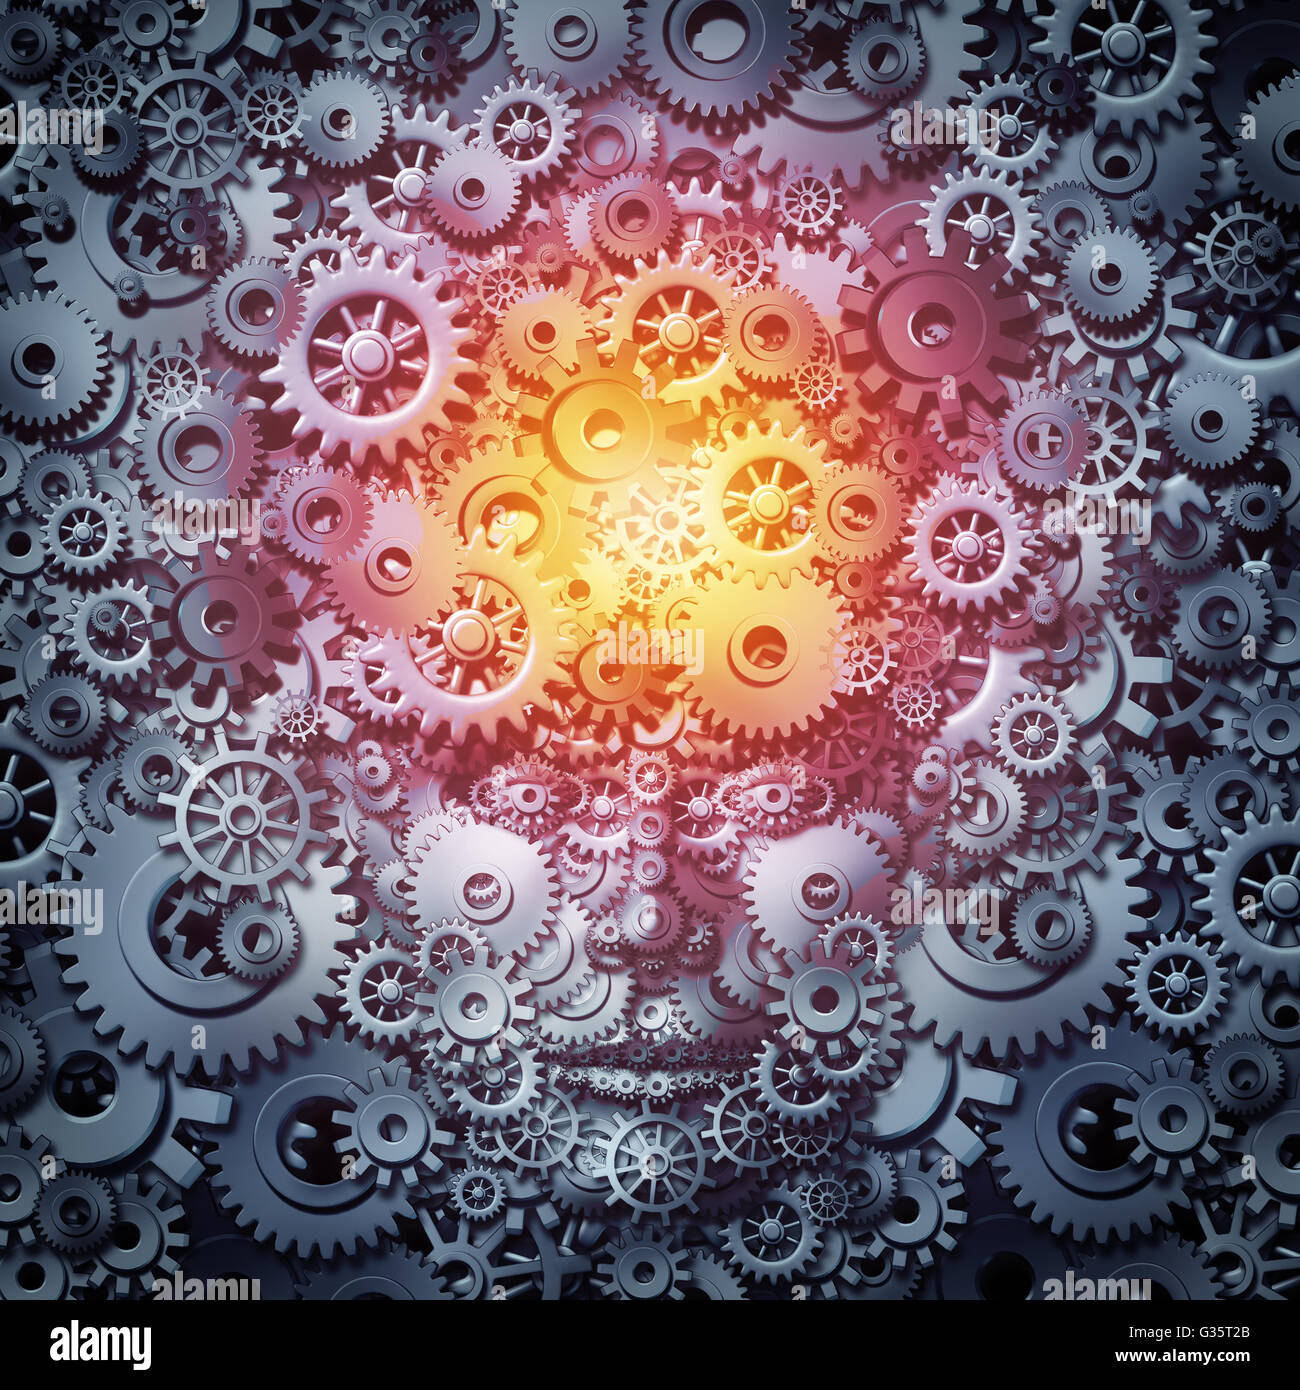 Risorse umane business intelligence concept come una mente e un fronte macchina fatta di ingranaggi e ruote dentate Foto Stock